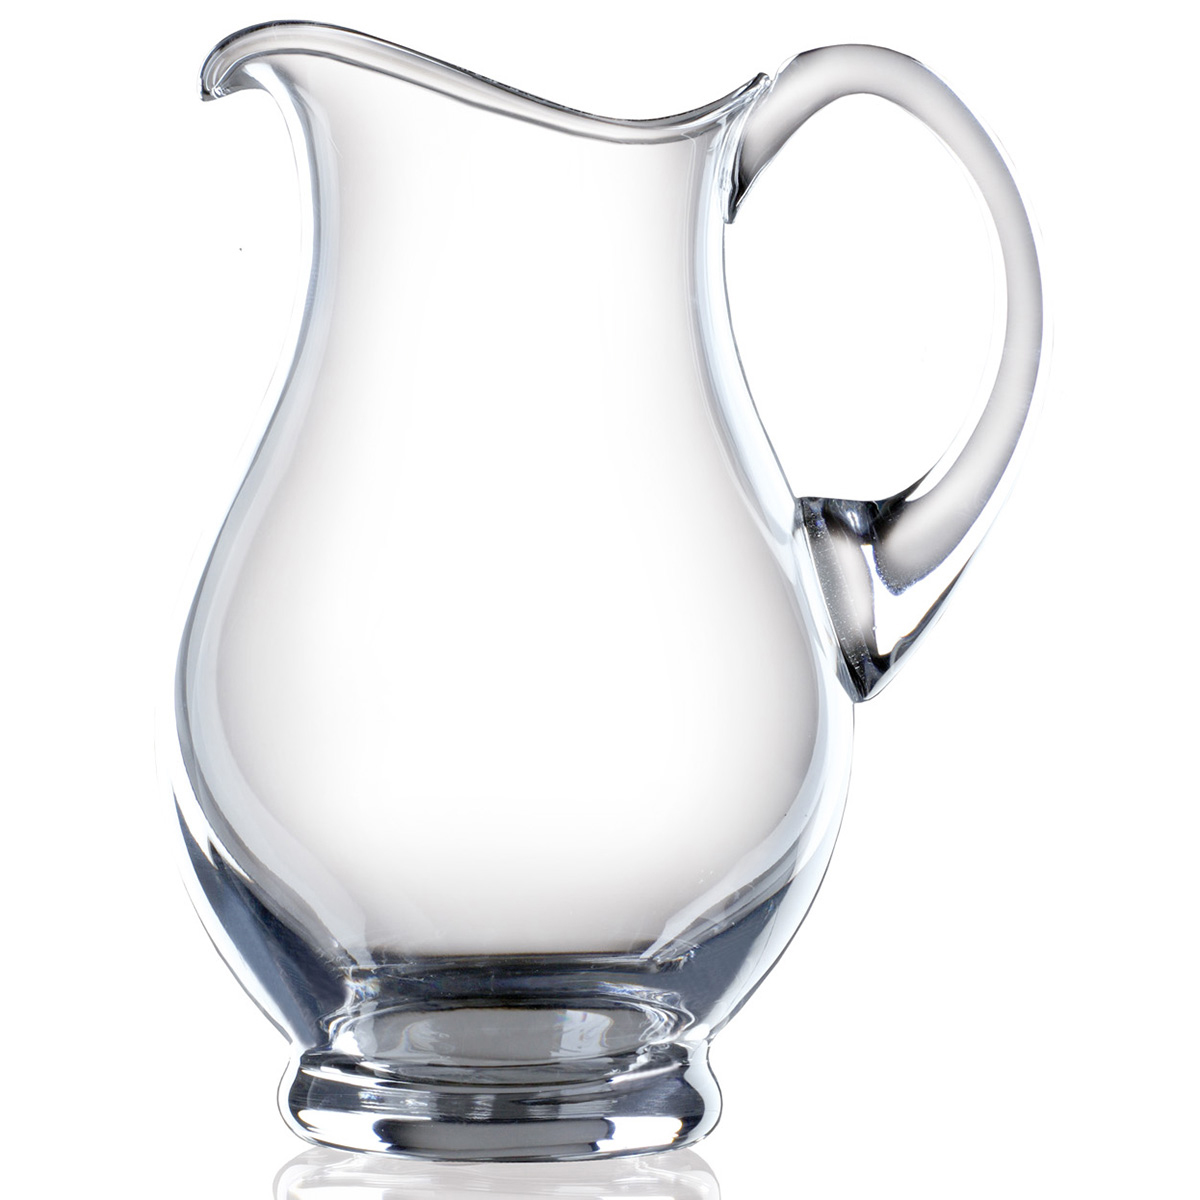 """Кувшины являются неотъемлемой частью сервировки любого стола, в них можно подать воду,  сок, компот и т.д. Кувшин """"Bohemia Crystal"""" из чешского стекла послужит украшением любого  праздника. Объем кувшина составляет 1,5 л."""